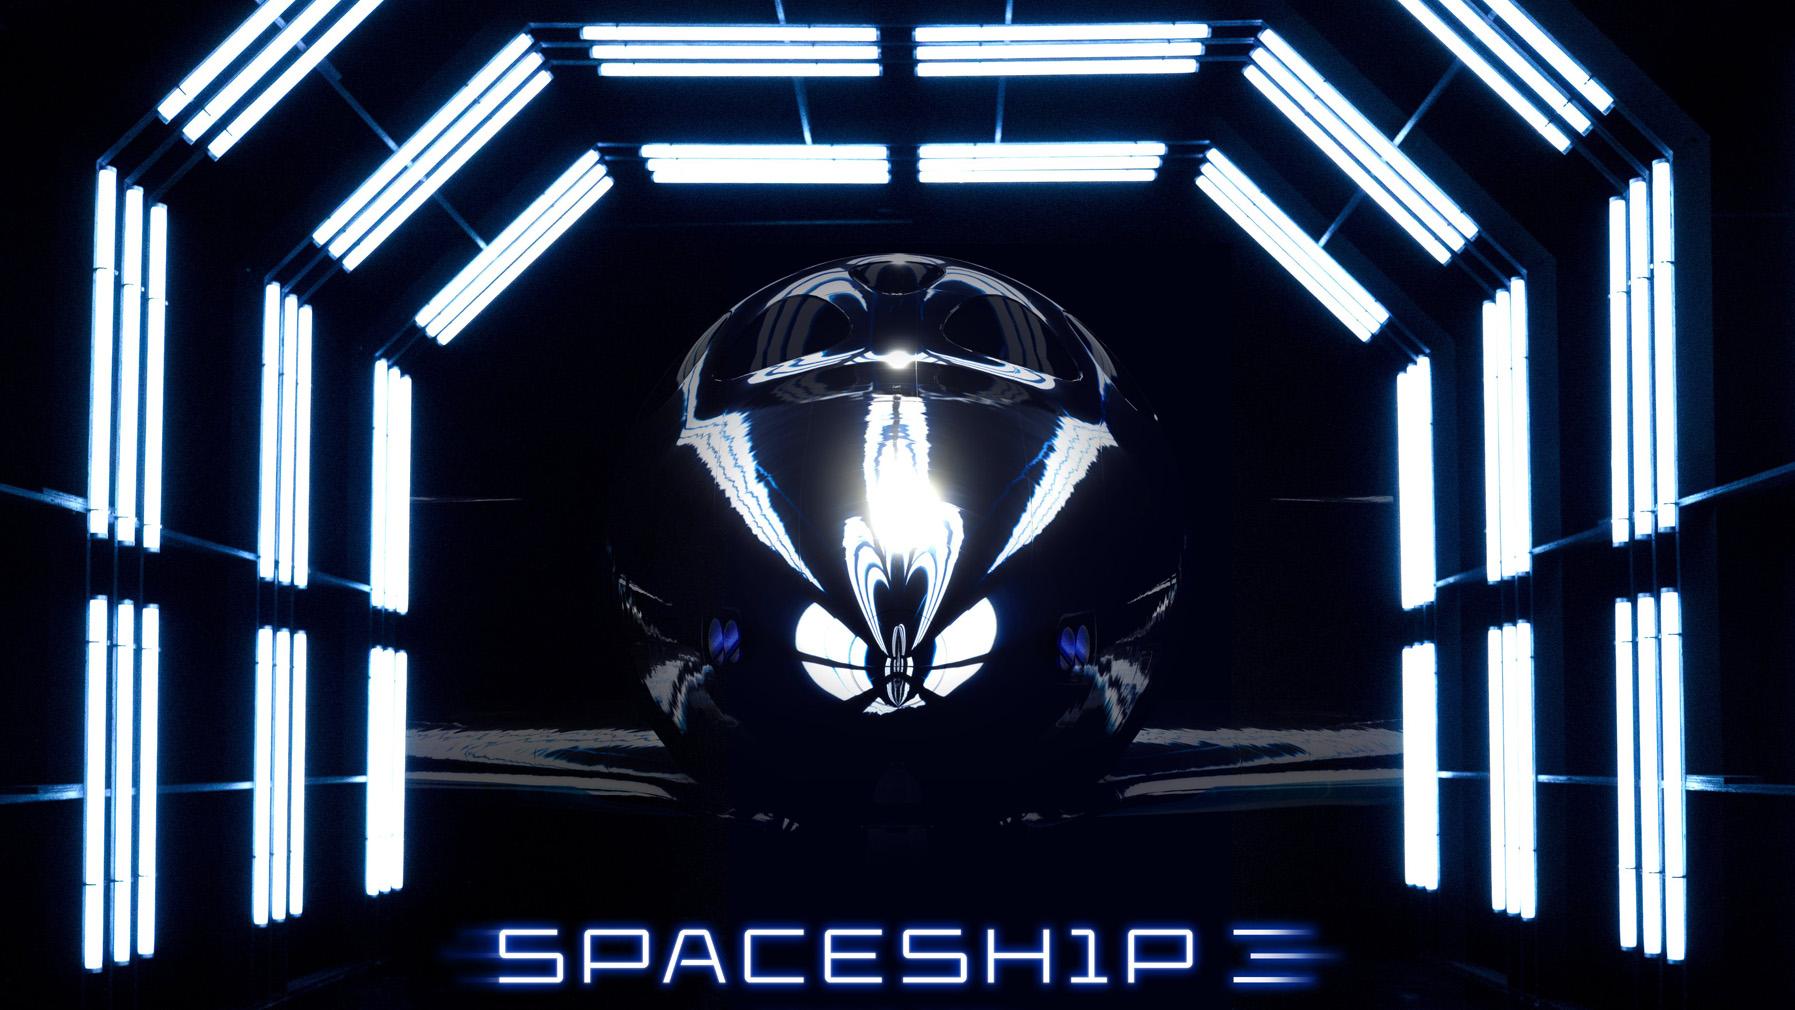 La révélation du prochain nouvel avion spatial de Virgin Galactic SpaceShip III.  Virgin Galactic a annoncé en juin 2021 que la communicatrice scientifique et chercheuse Kellie Gerardi volera avec Virgin Galactic sur un vol de recherche.